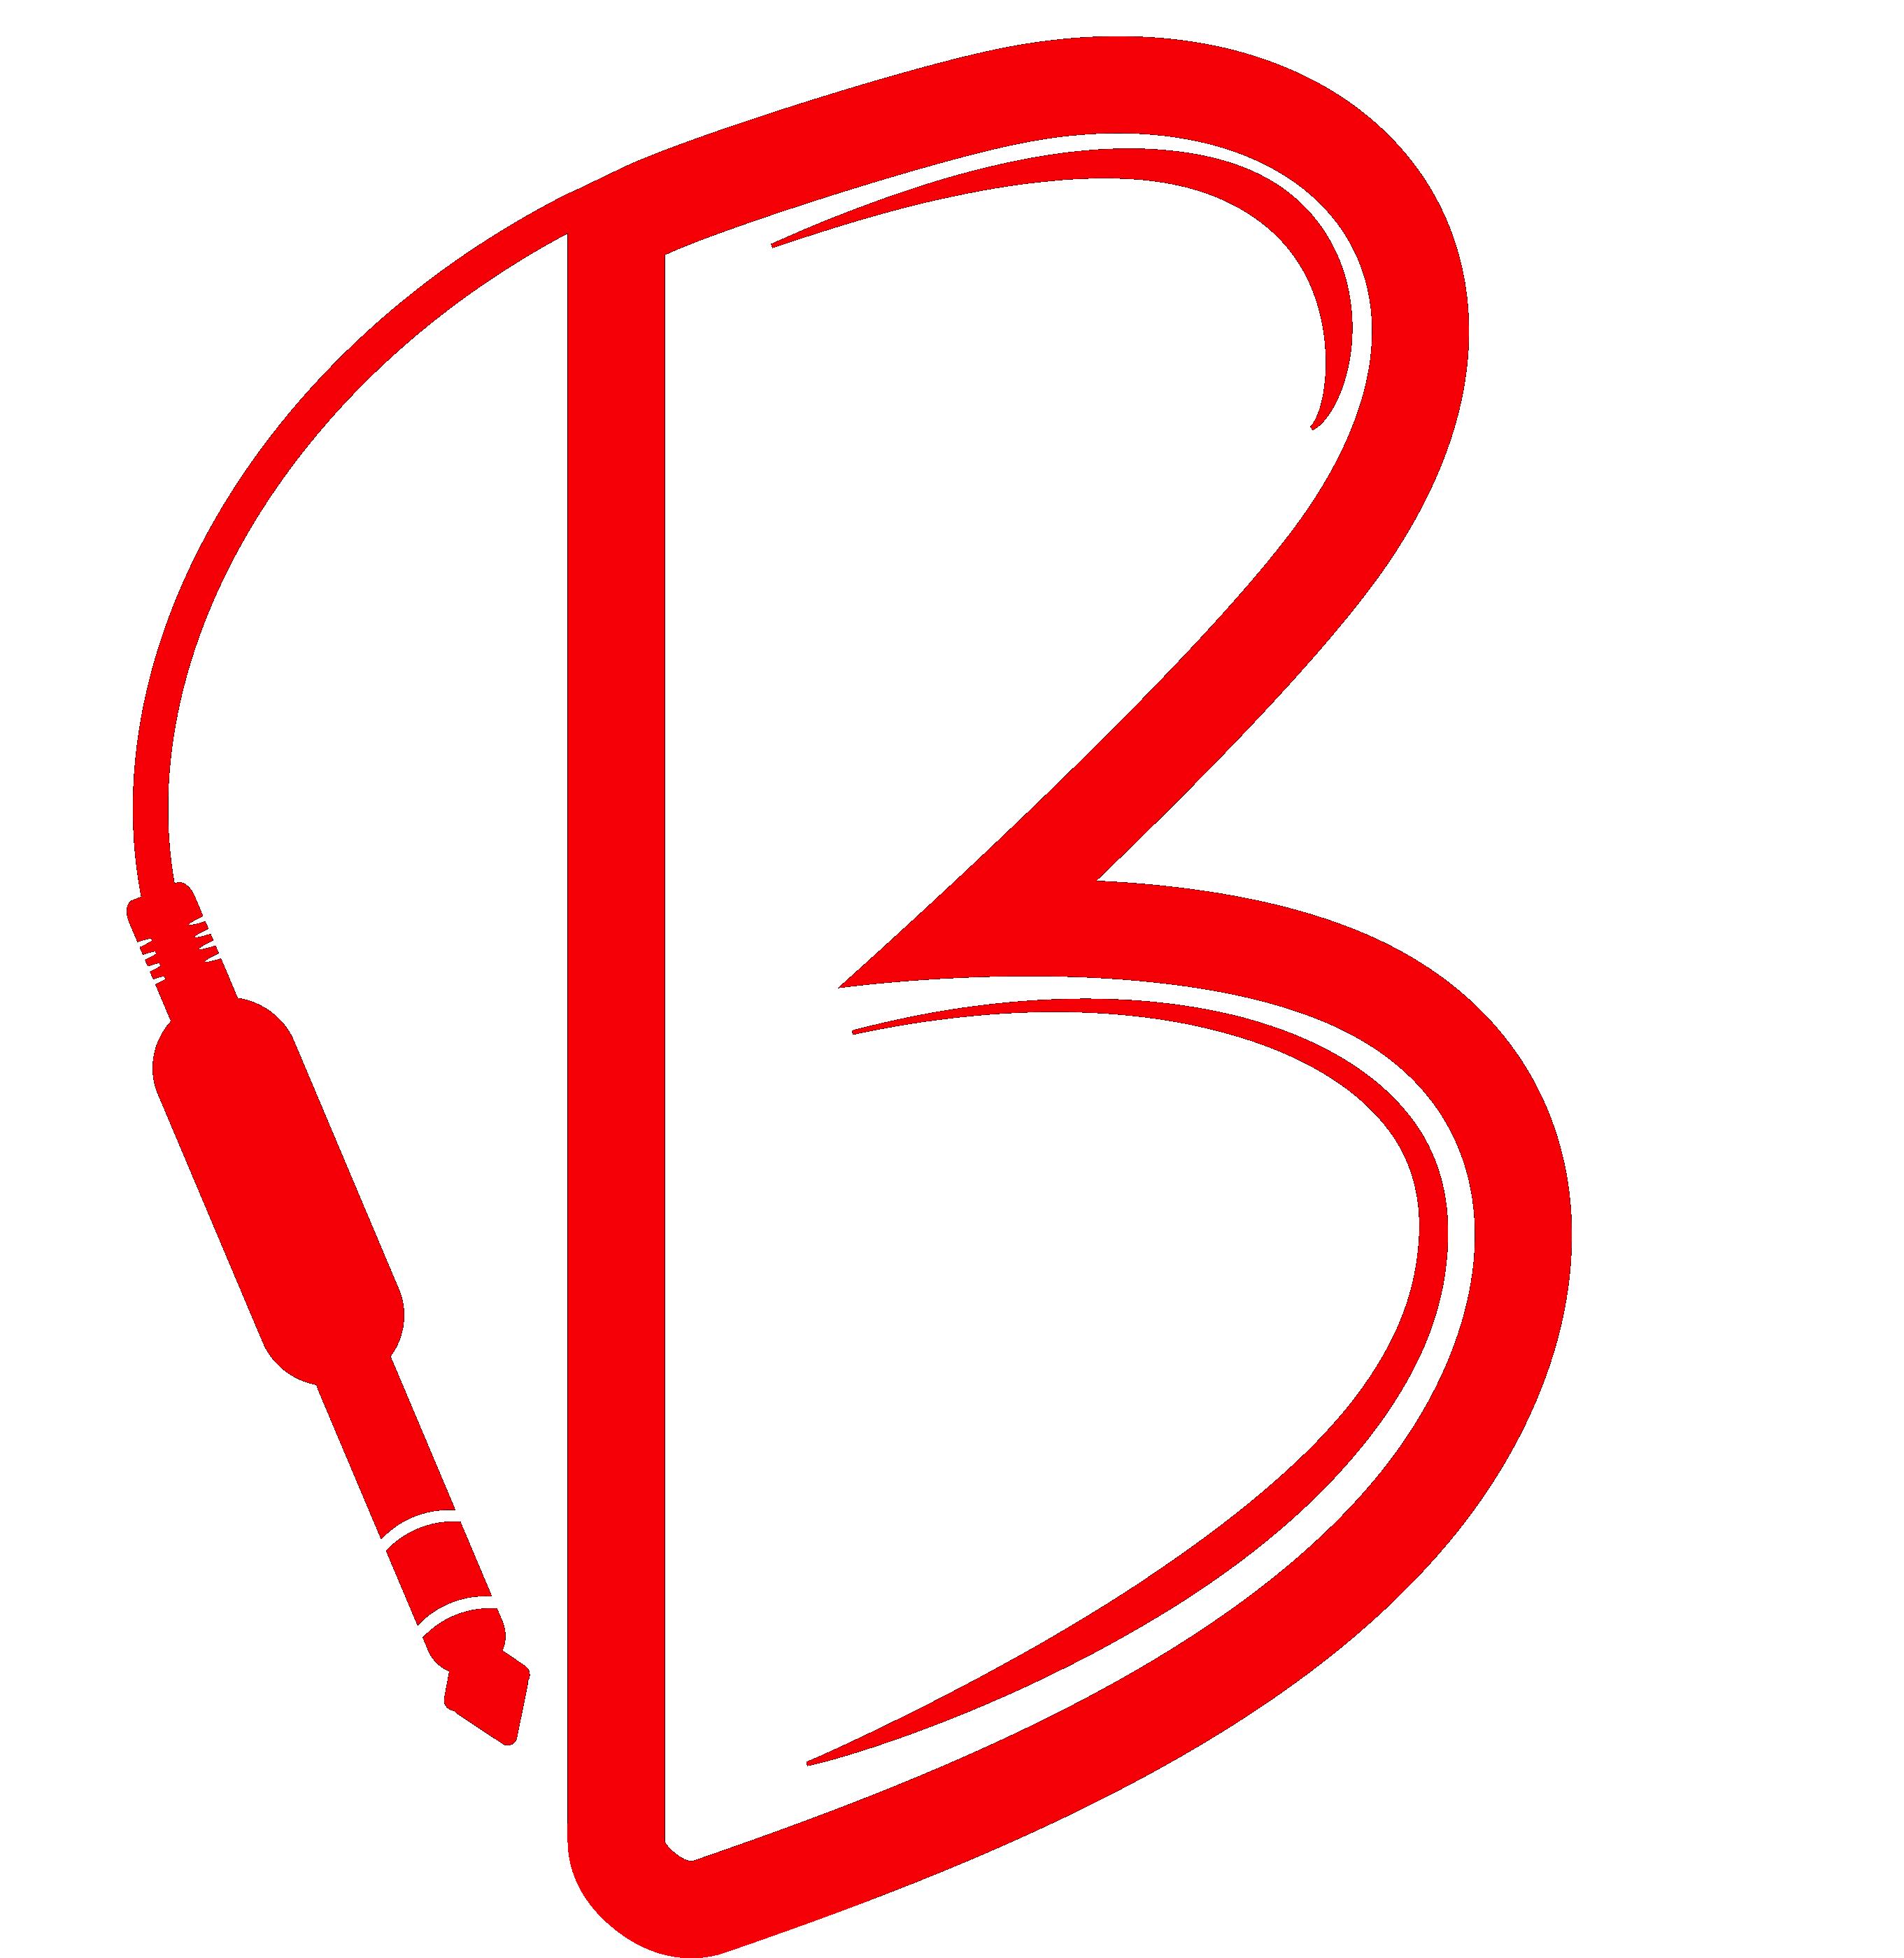 BeddaMedia